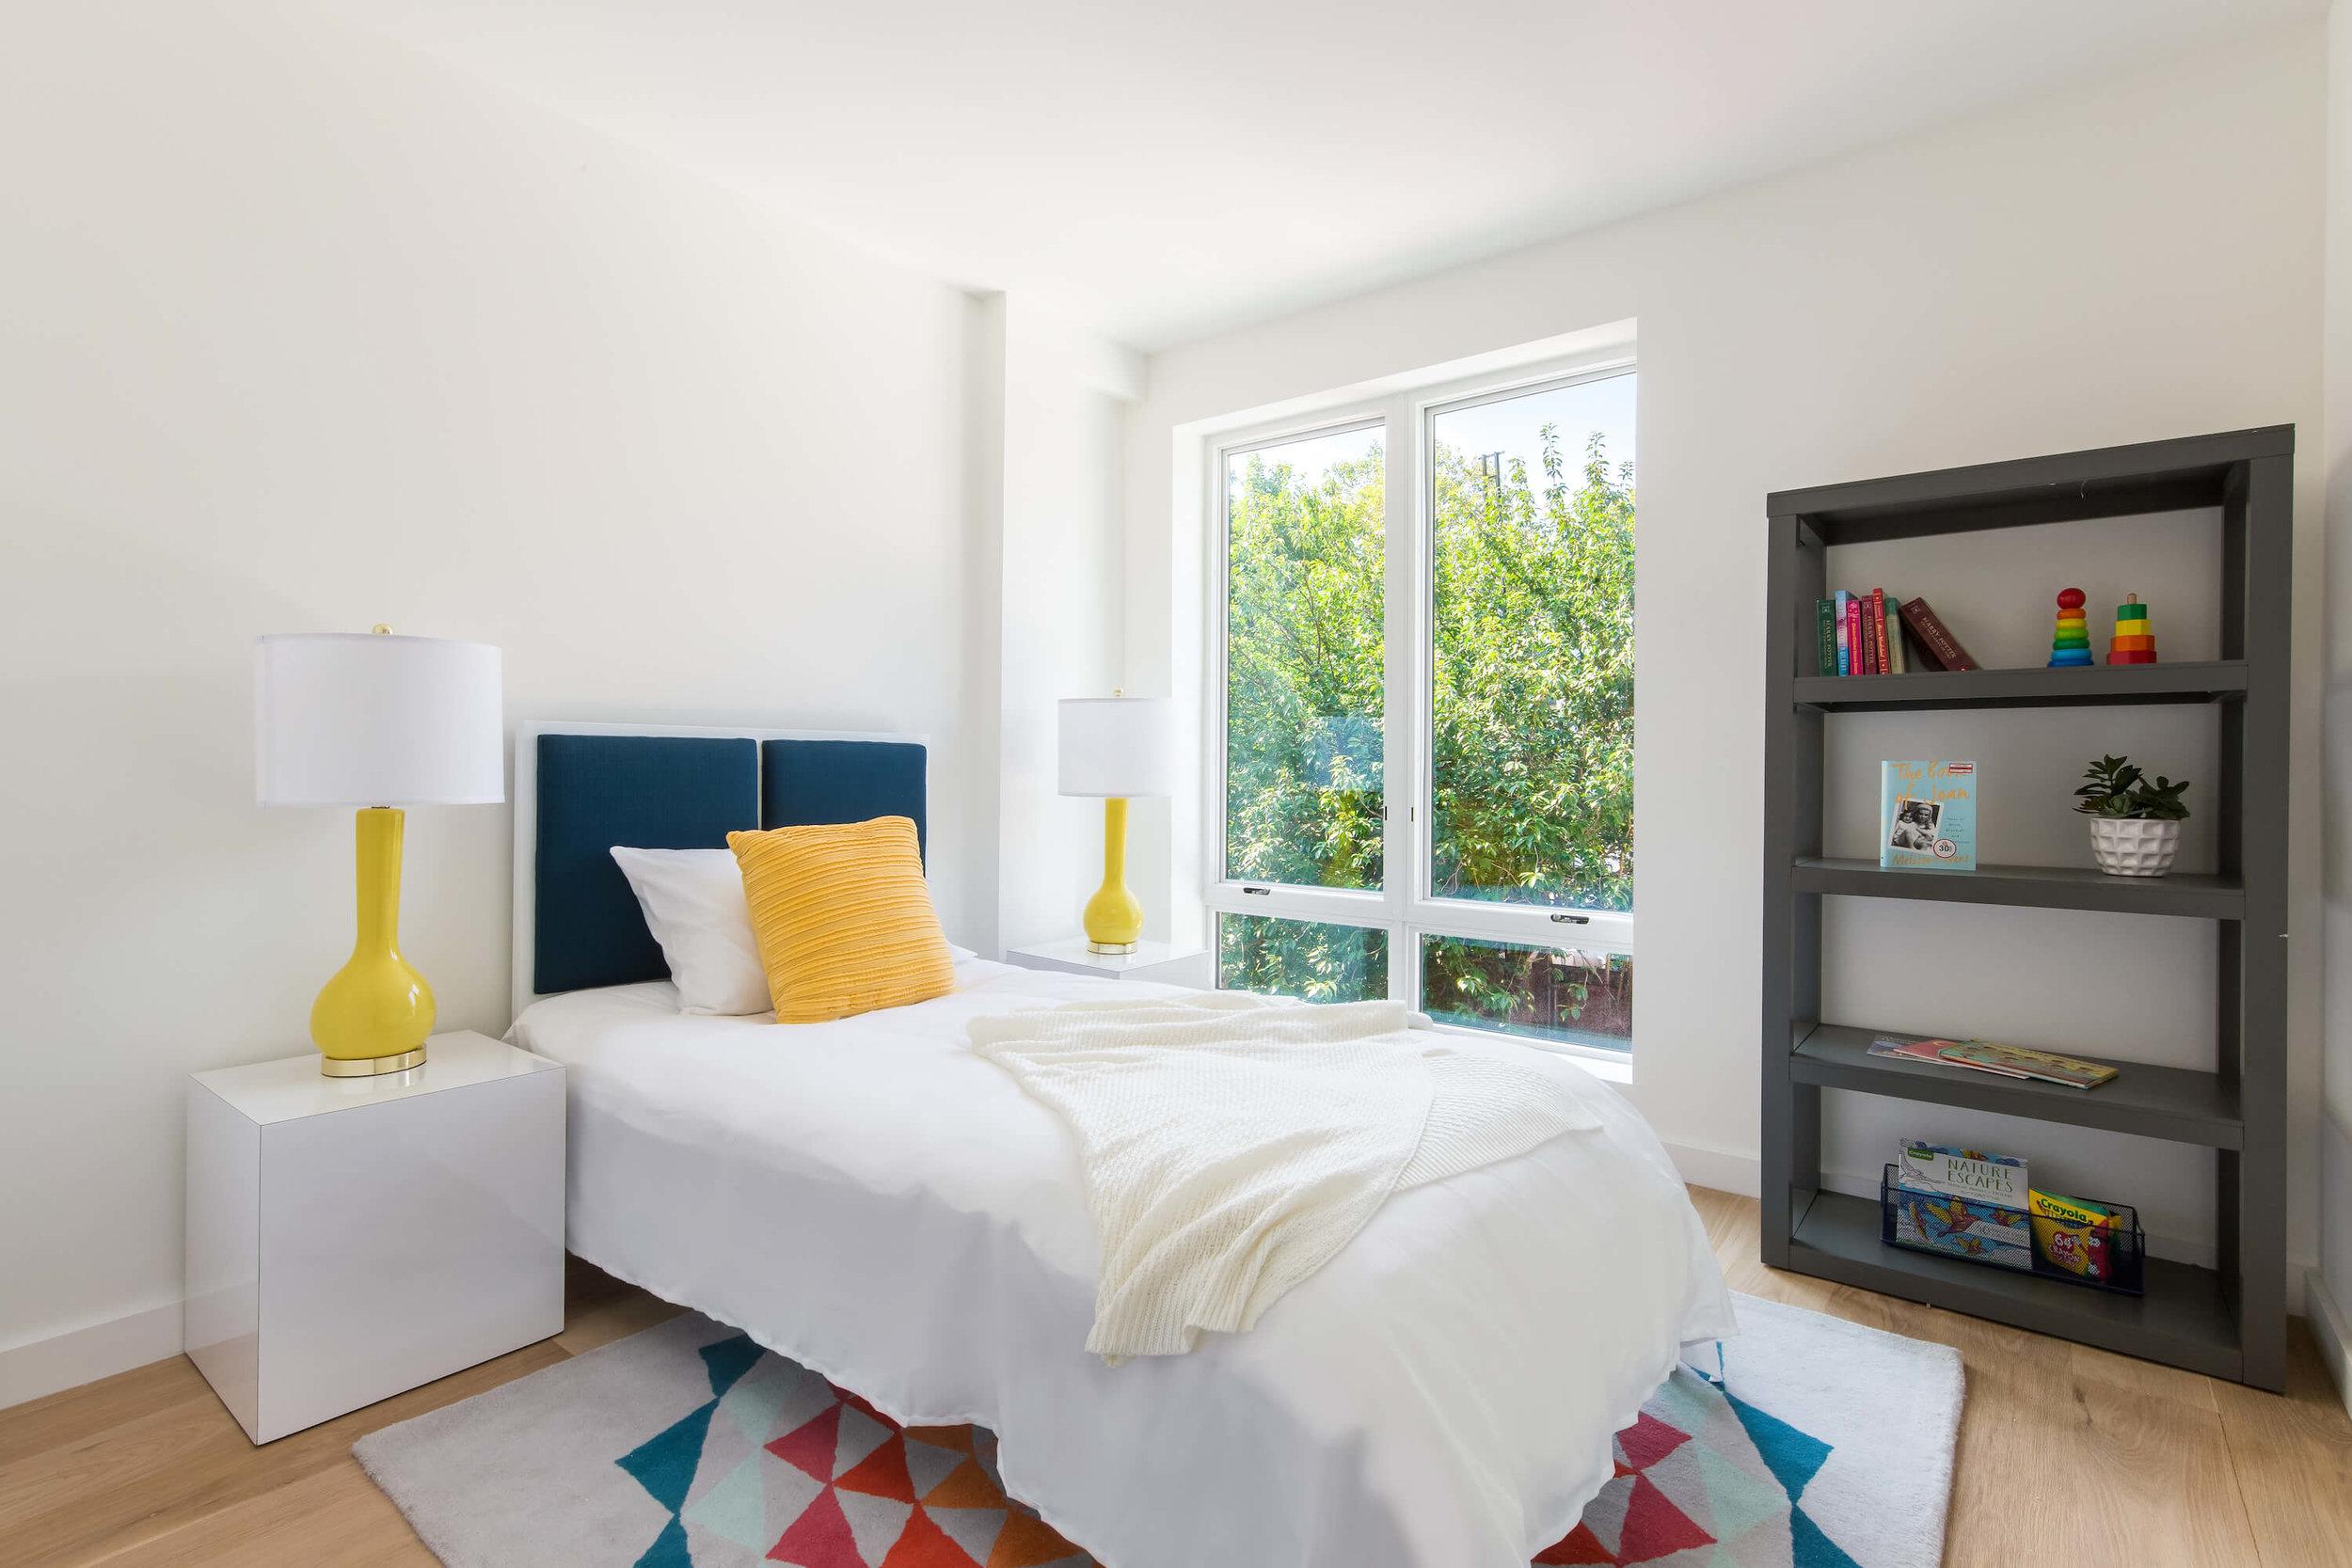 Child's Bedroom in luxury condo